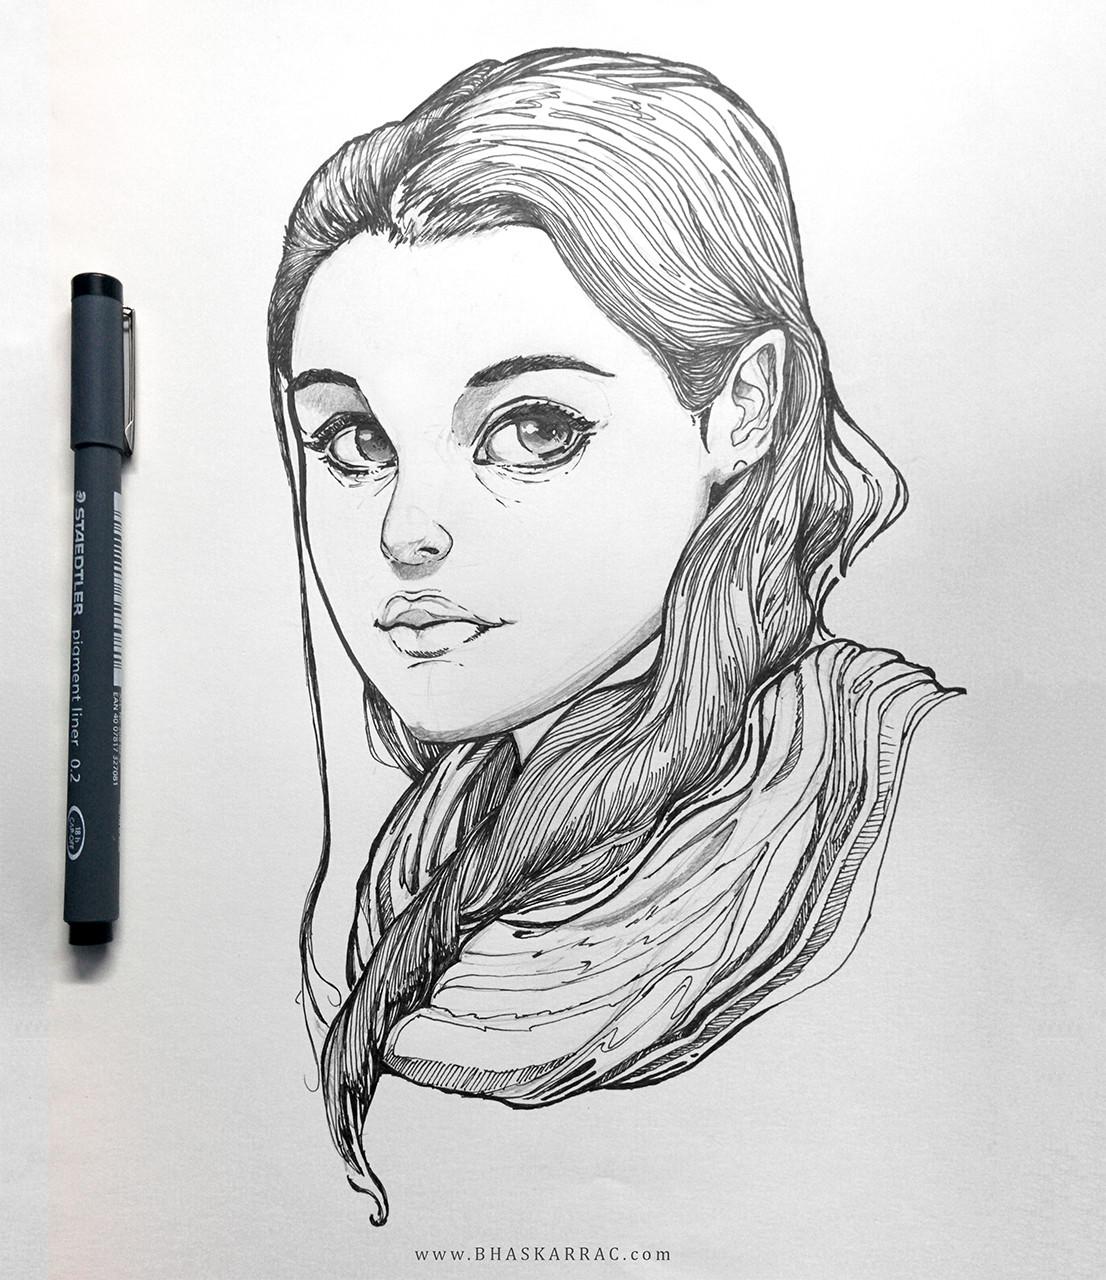 Sketchbook pages - 4